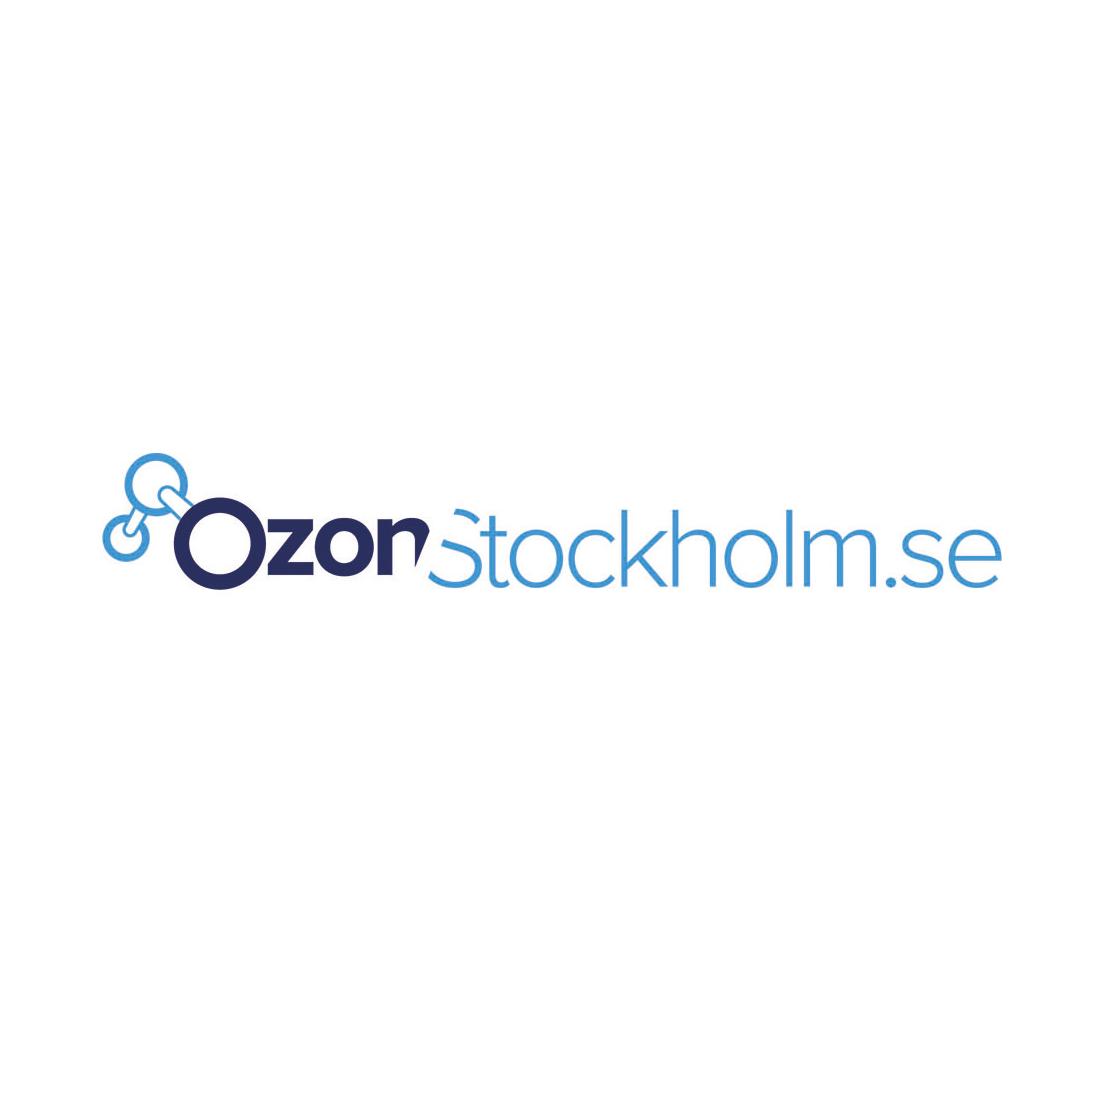 OzonStockholm